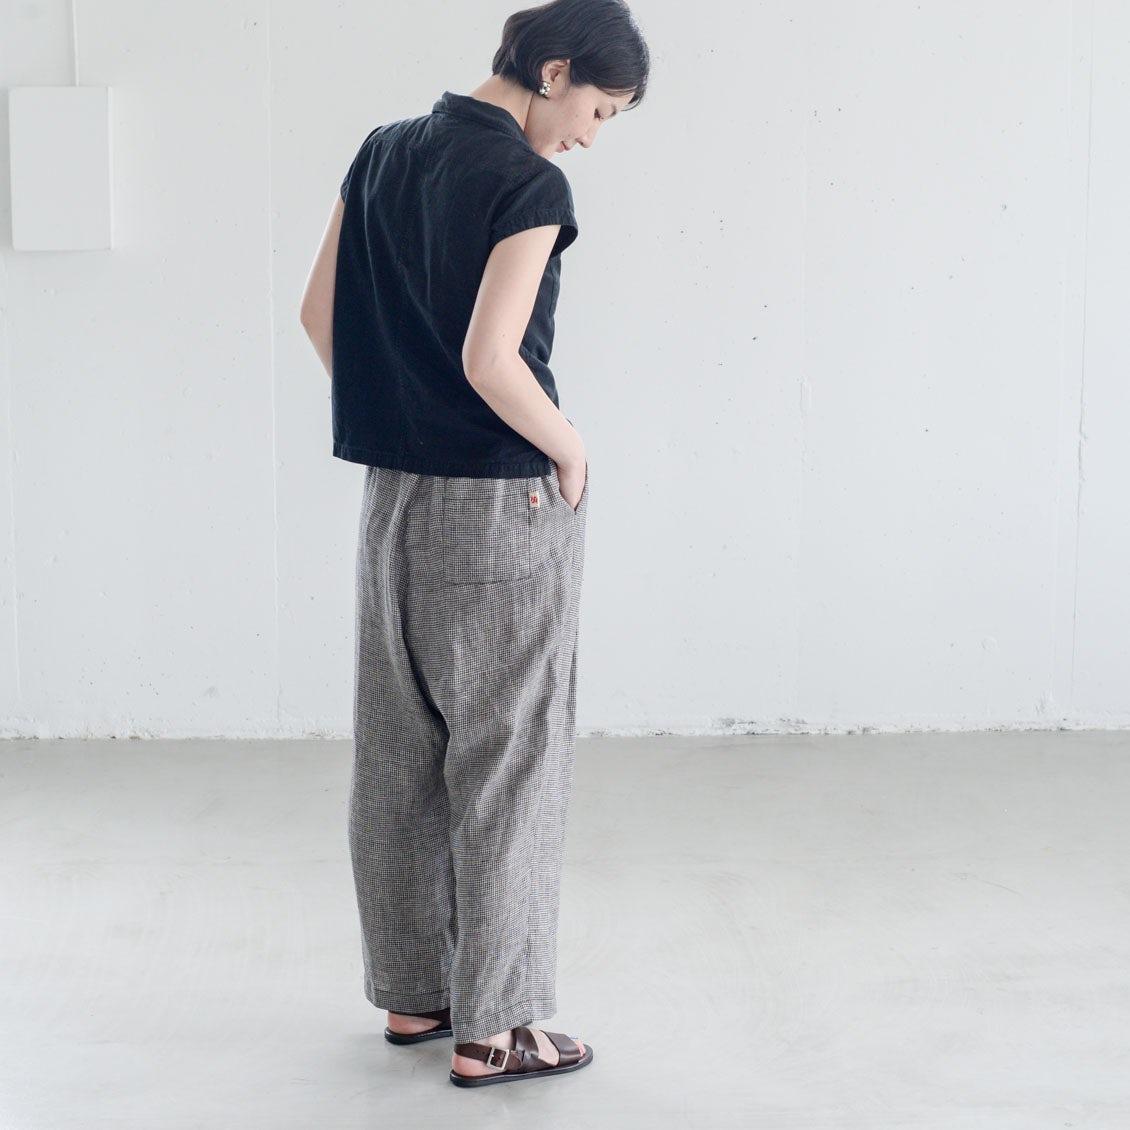 【着用レビュー】si-si-siのリネンタイパンツを、身長の違うスタッフ3名がはいてみました!